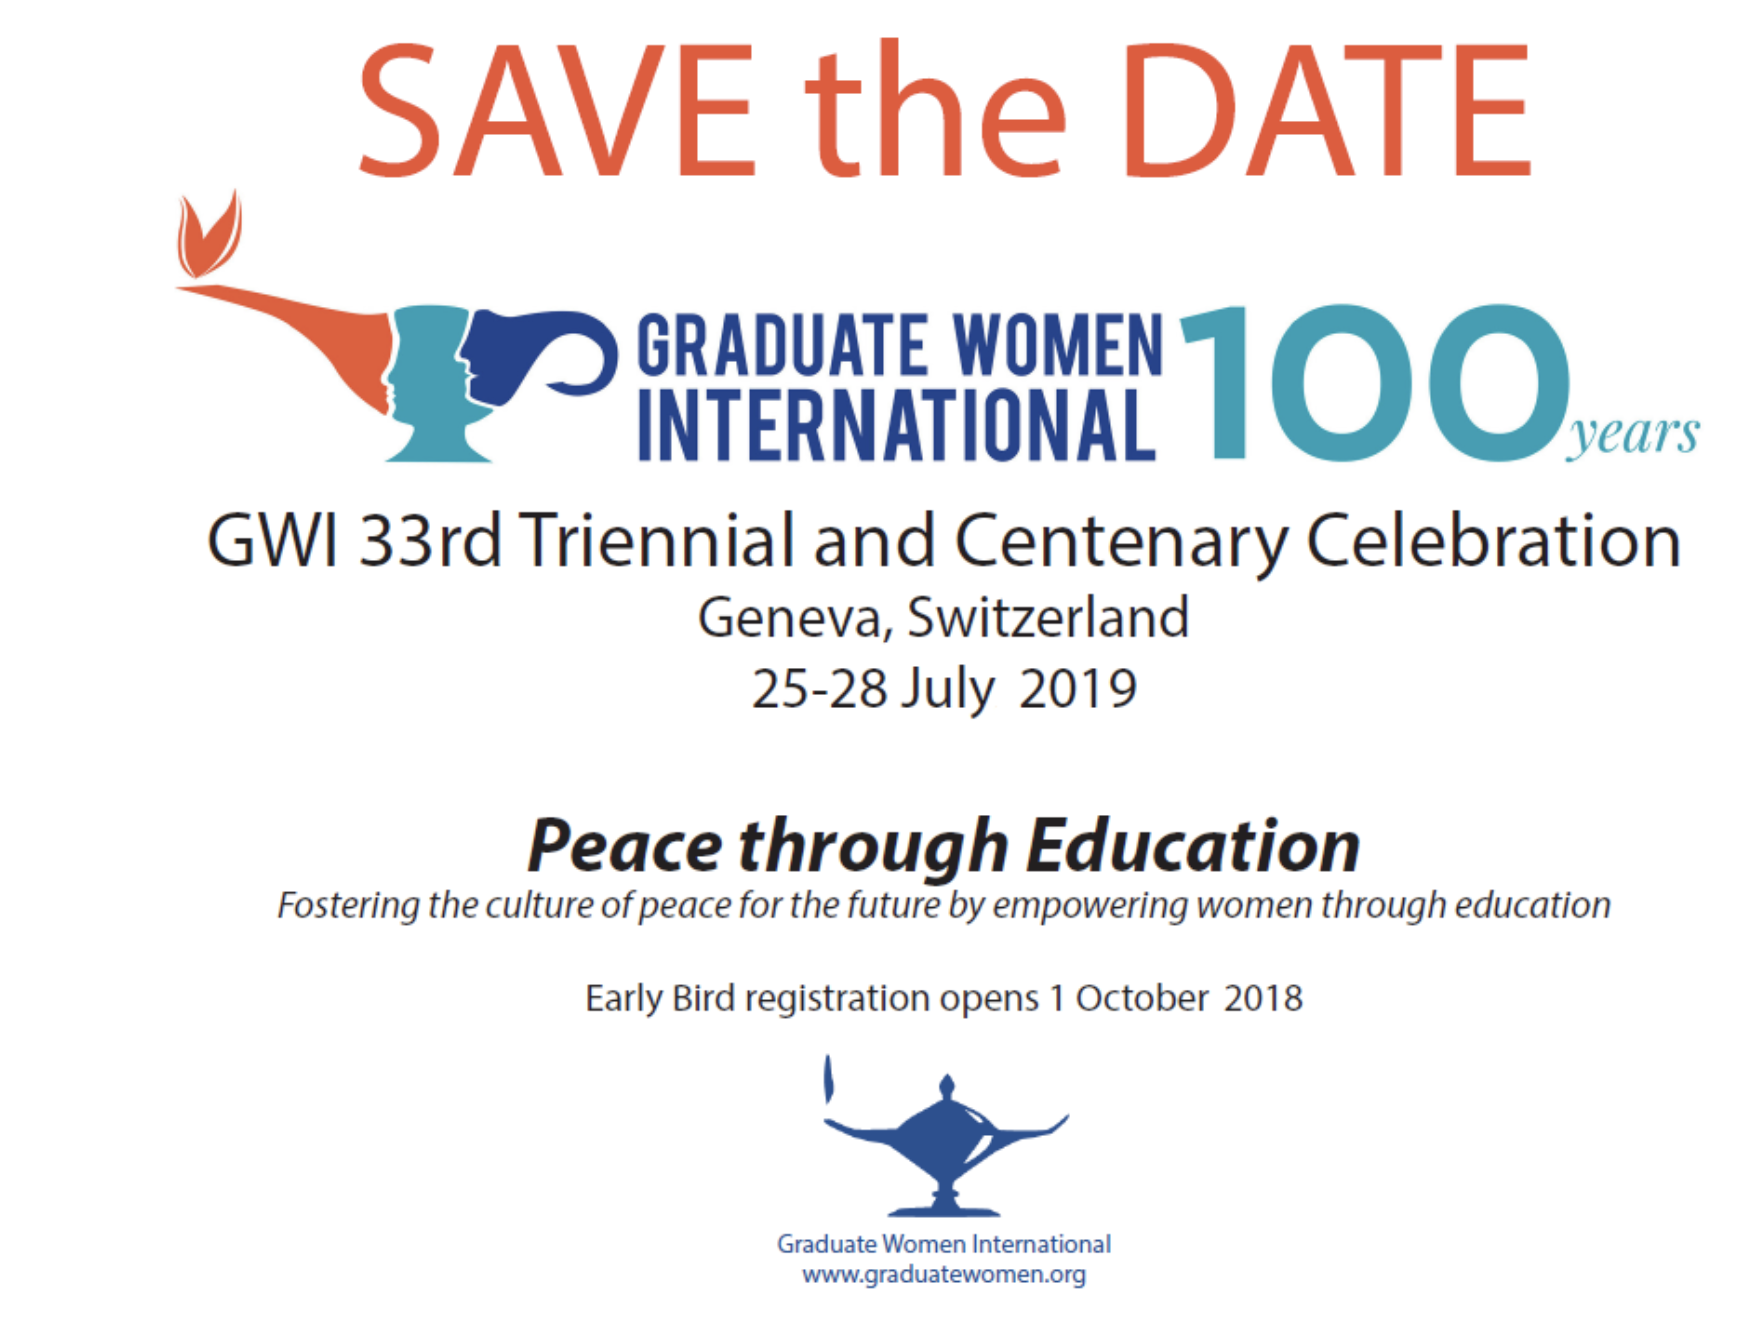 Appel à Projets pour le centenaire de GWI